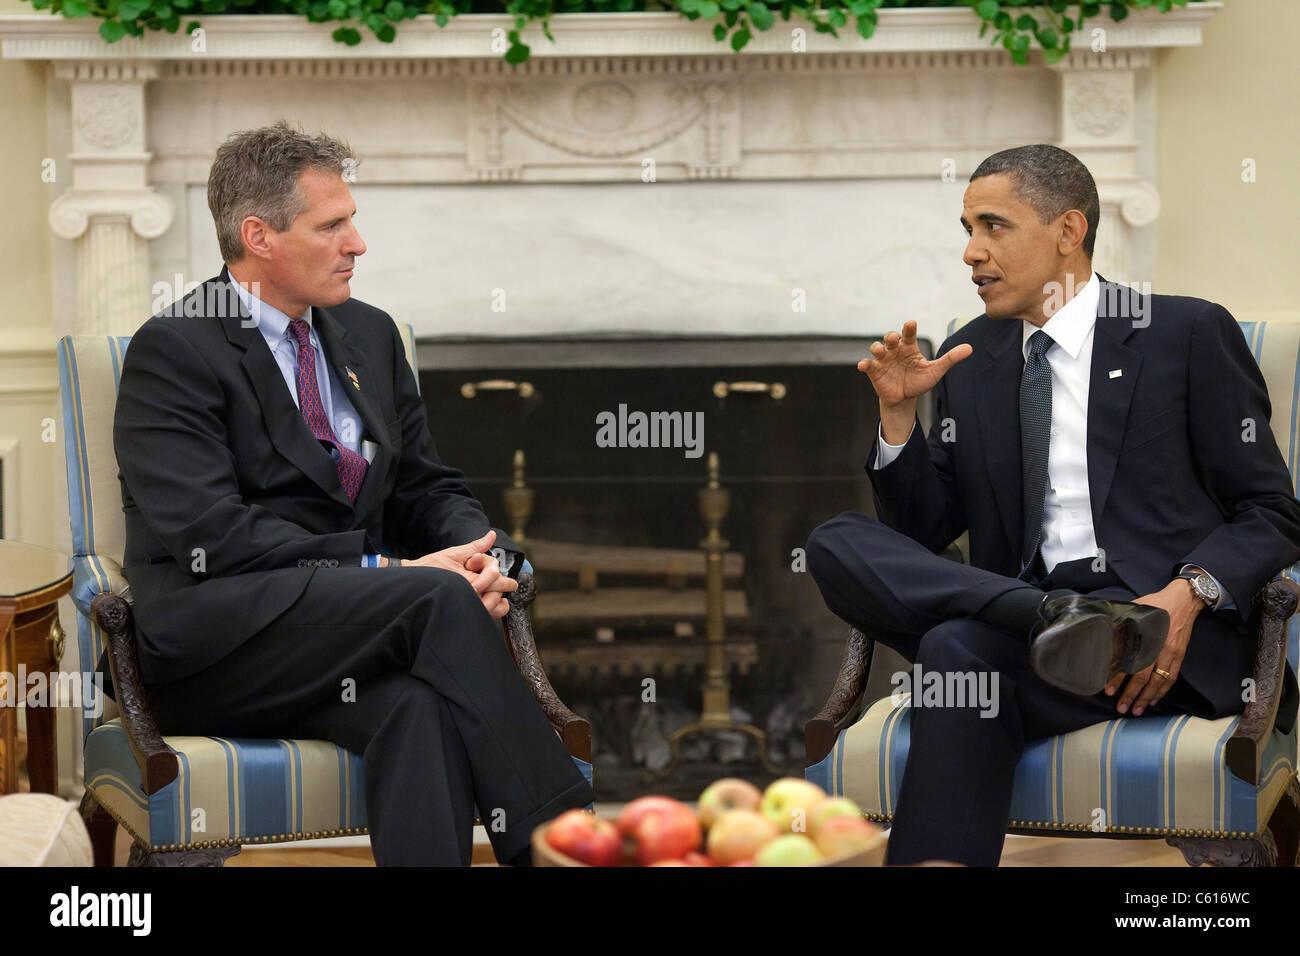 Präsident Obama trifft sich mit Senator Scott Brown, eine Nachwahl im Januar Ted Kennedy erfolgreich gewonnen. Stockbild